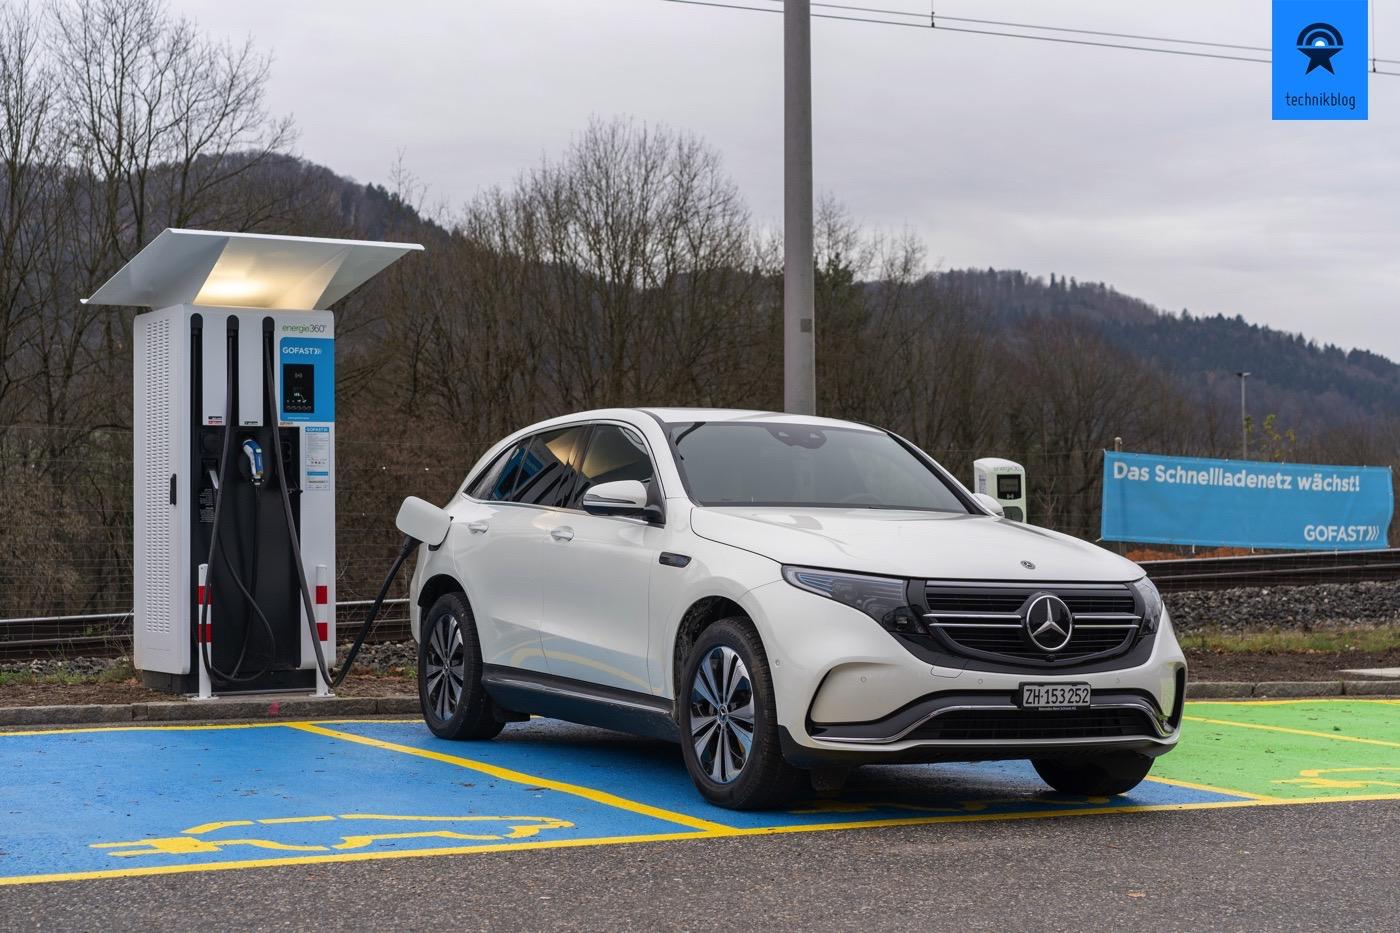 Mercedes EQC am Gofast Schnelllader in Würenlos